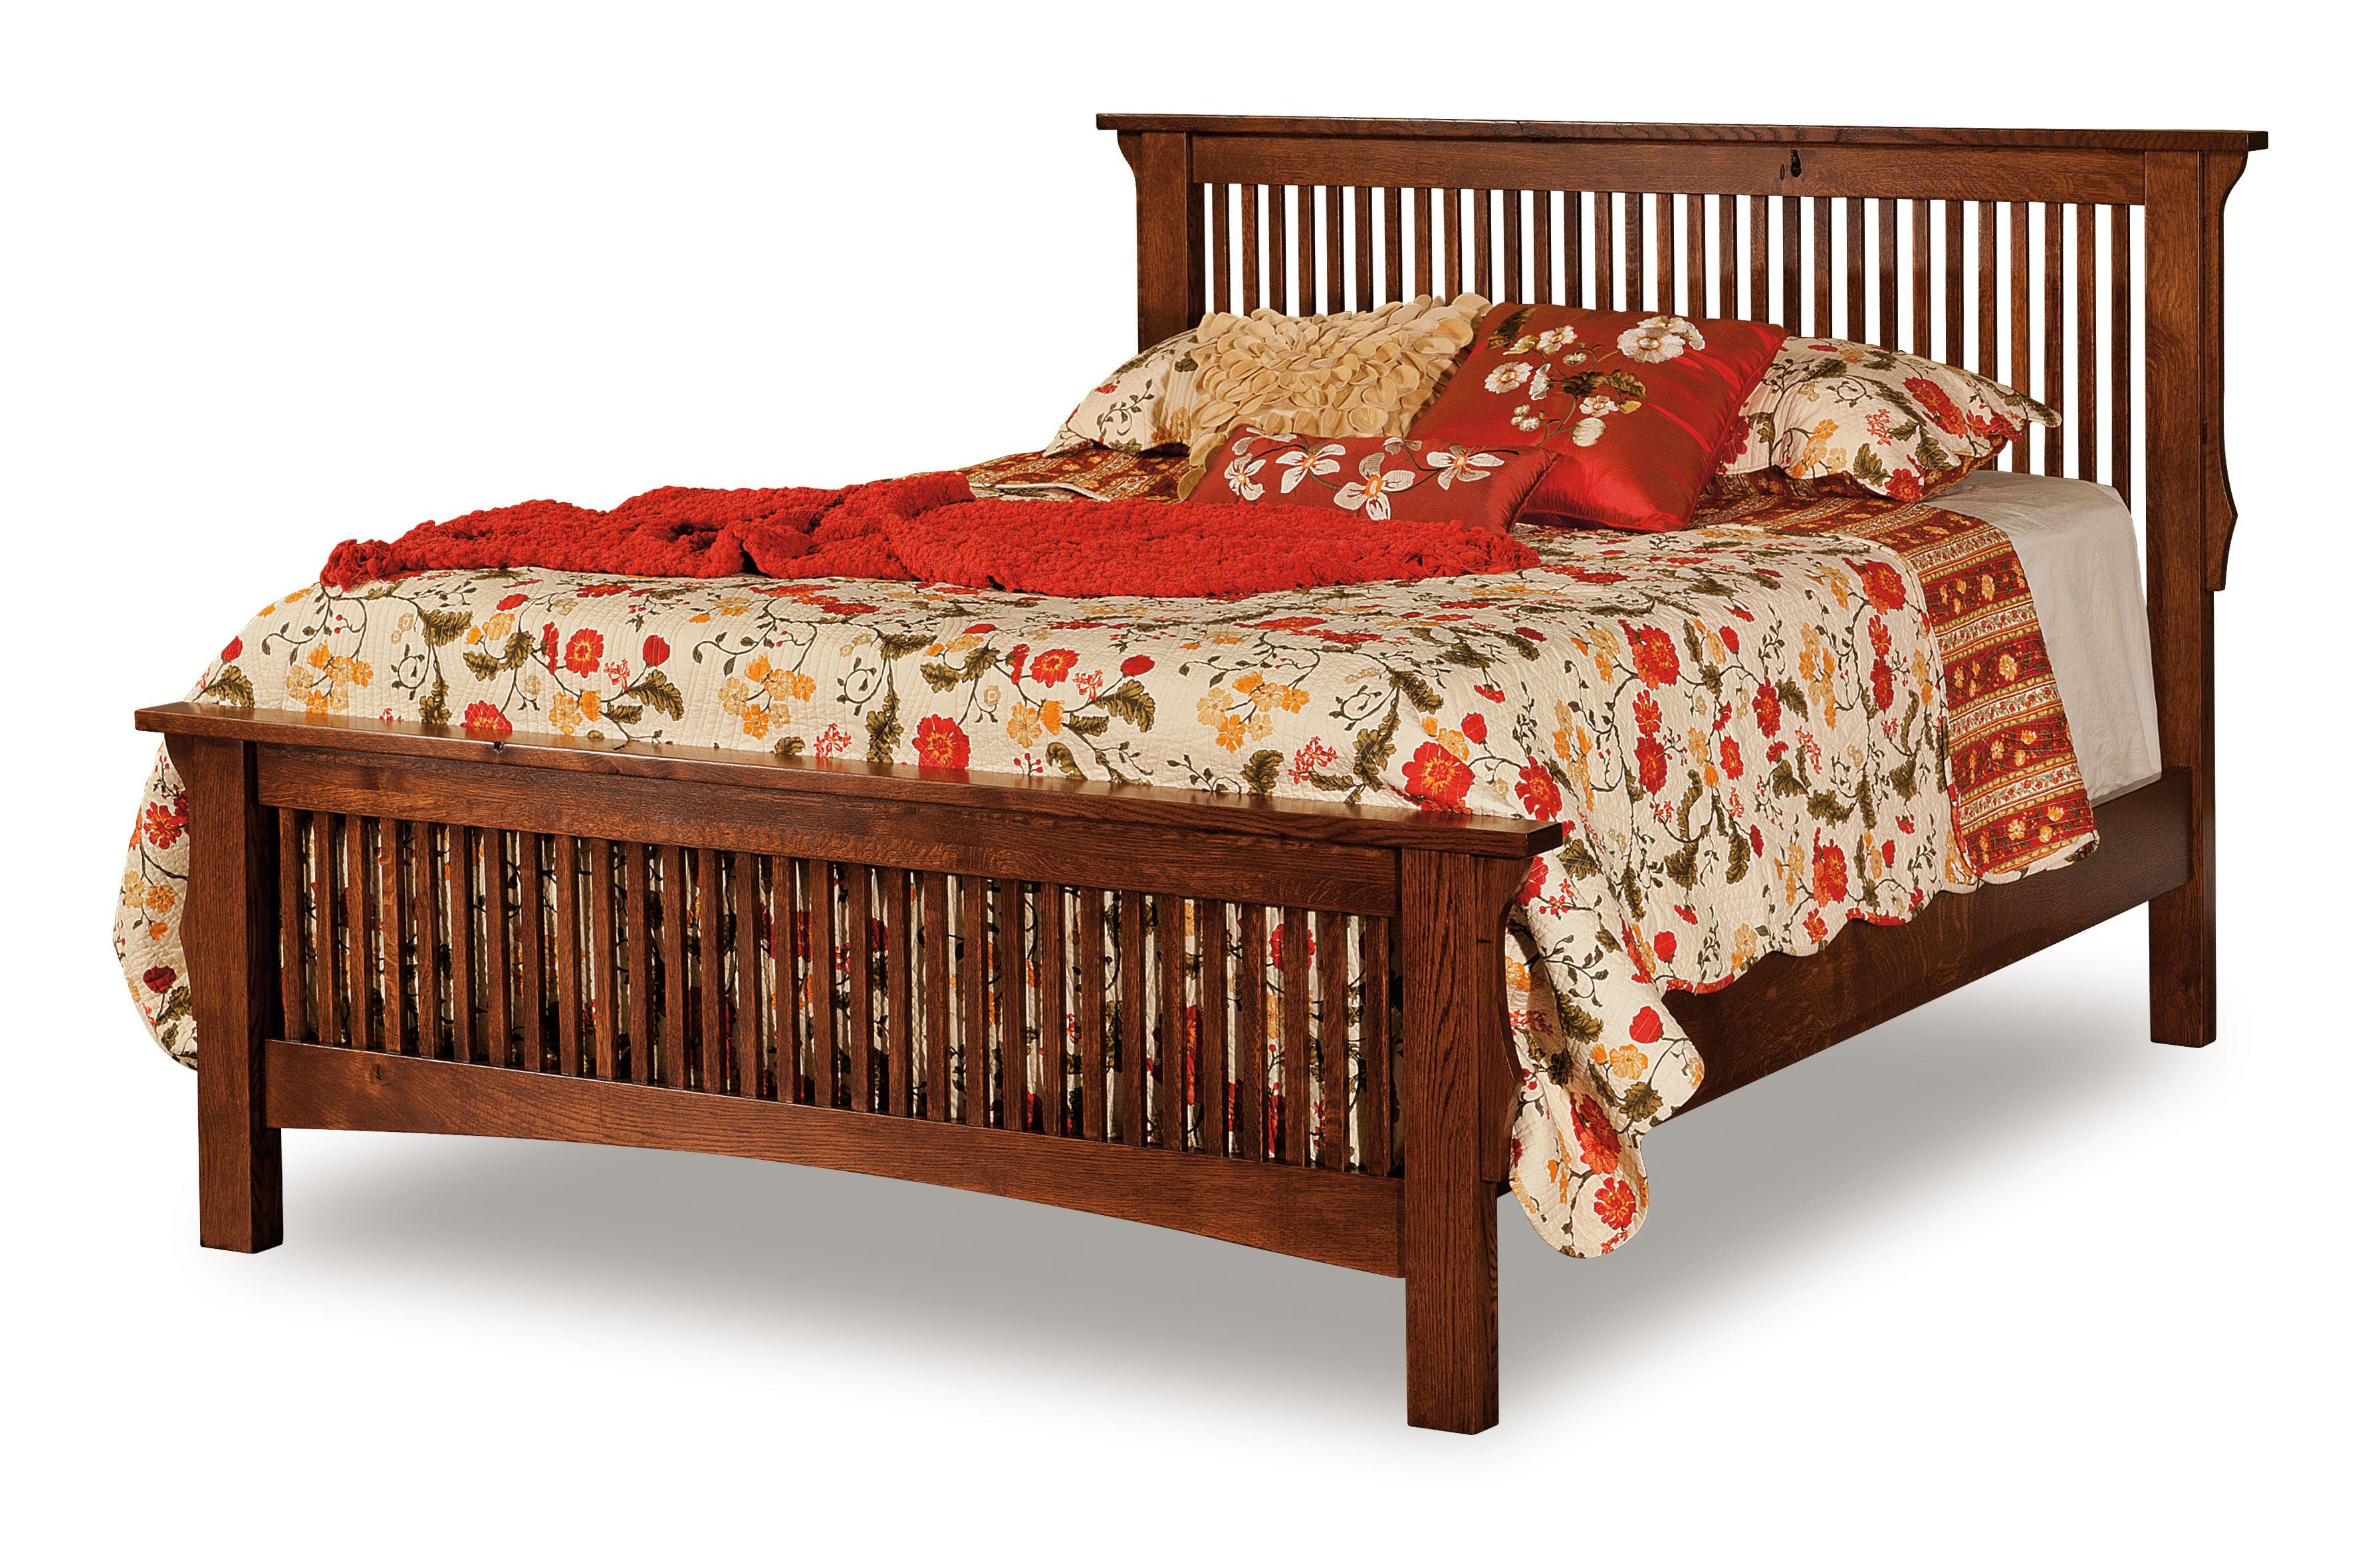 Stick Mission Bed Furniture Craftsman Bed Frames Mission Style